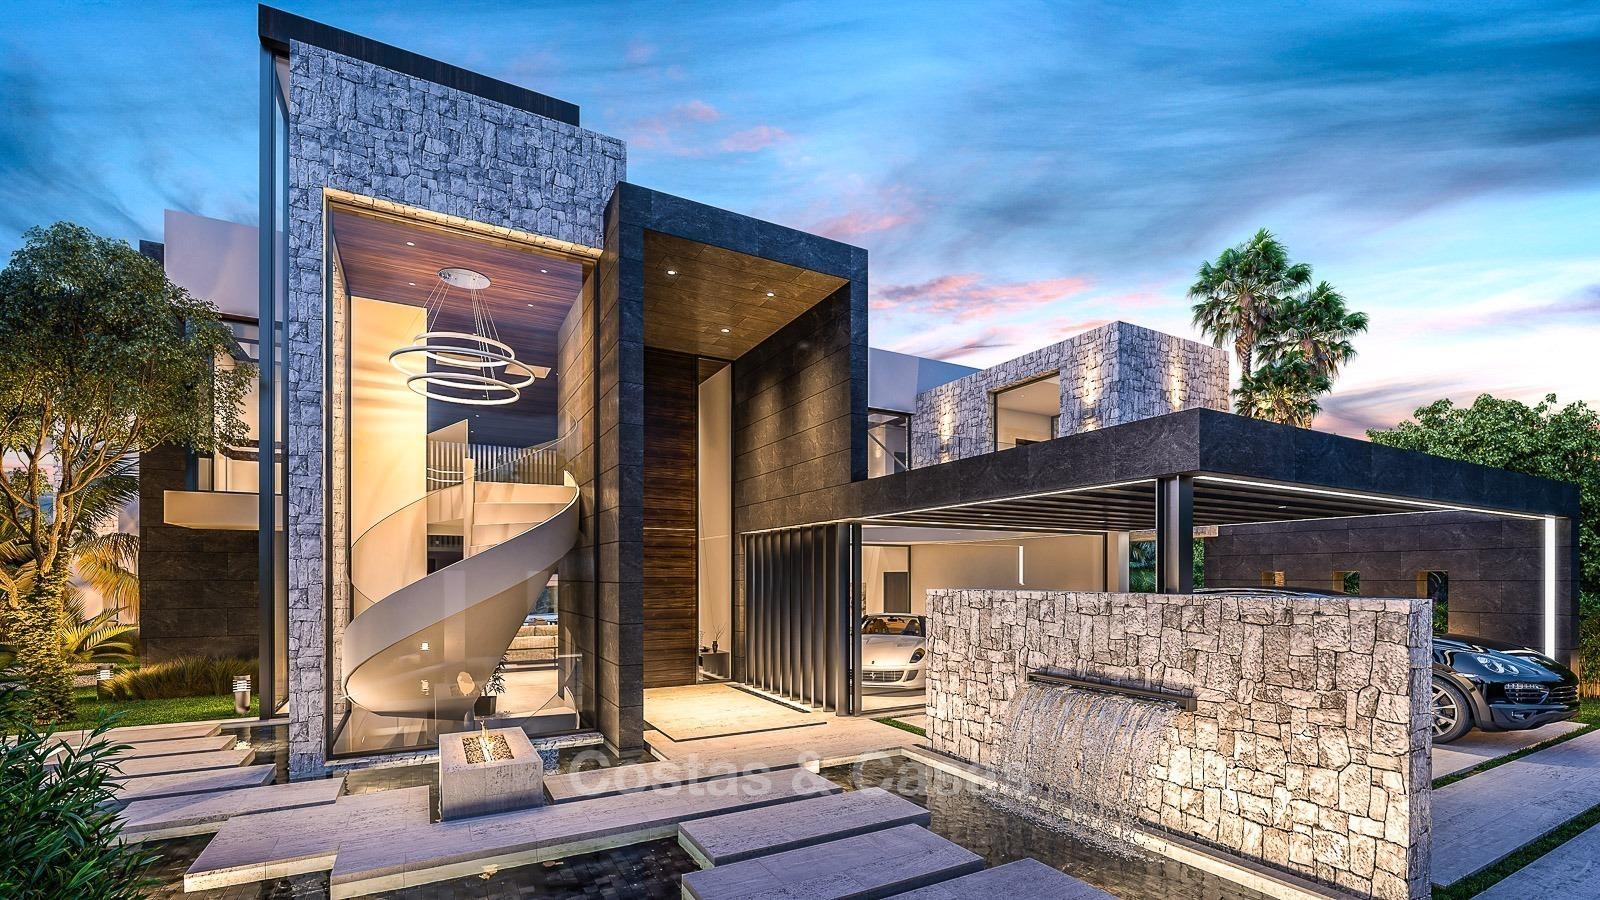 luxe moderne villa te koop in marbella aan golf met zeezicht. Black Bedroom Furniture Sets. Home Design Ideas